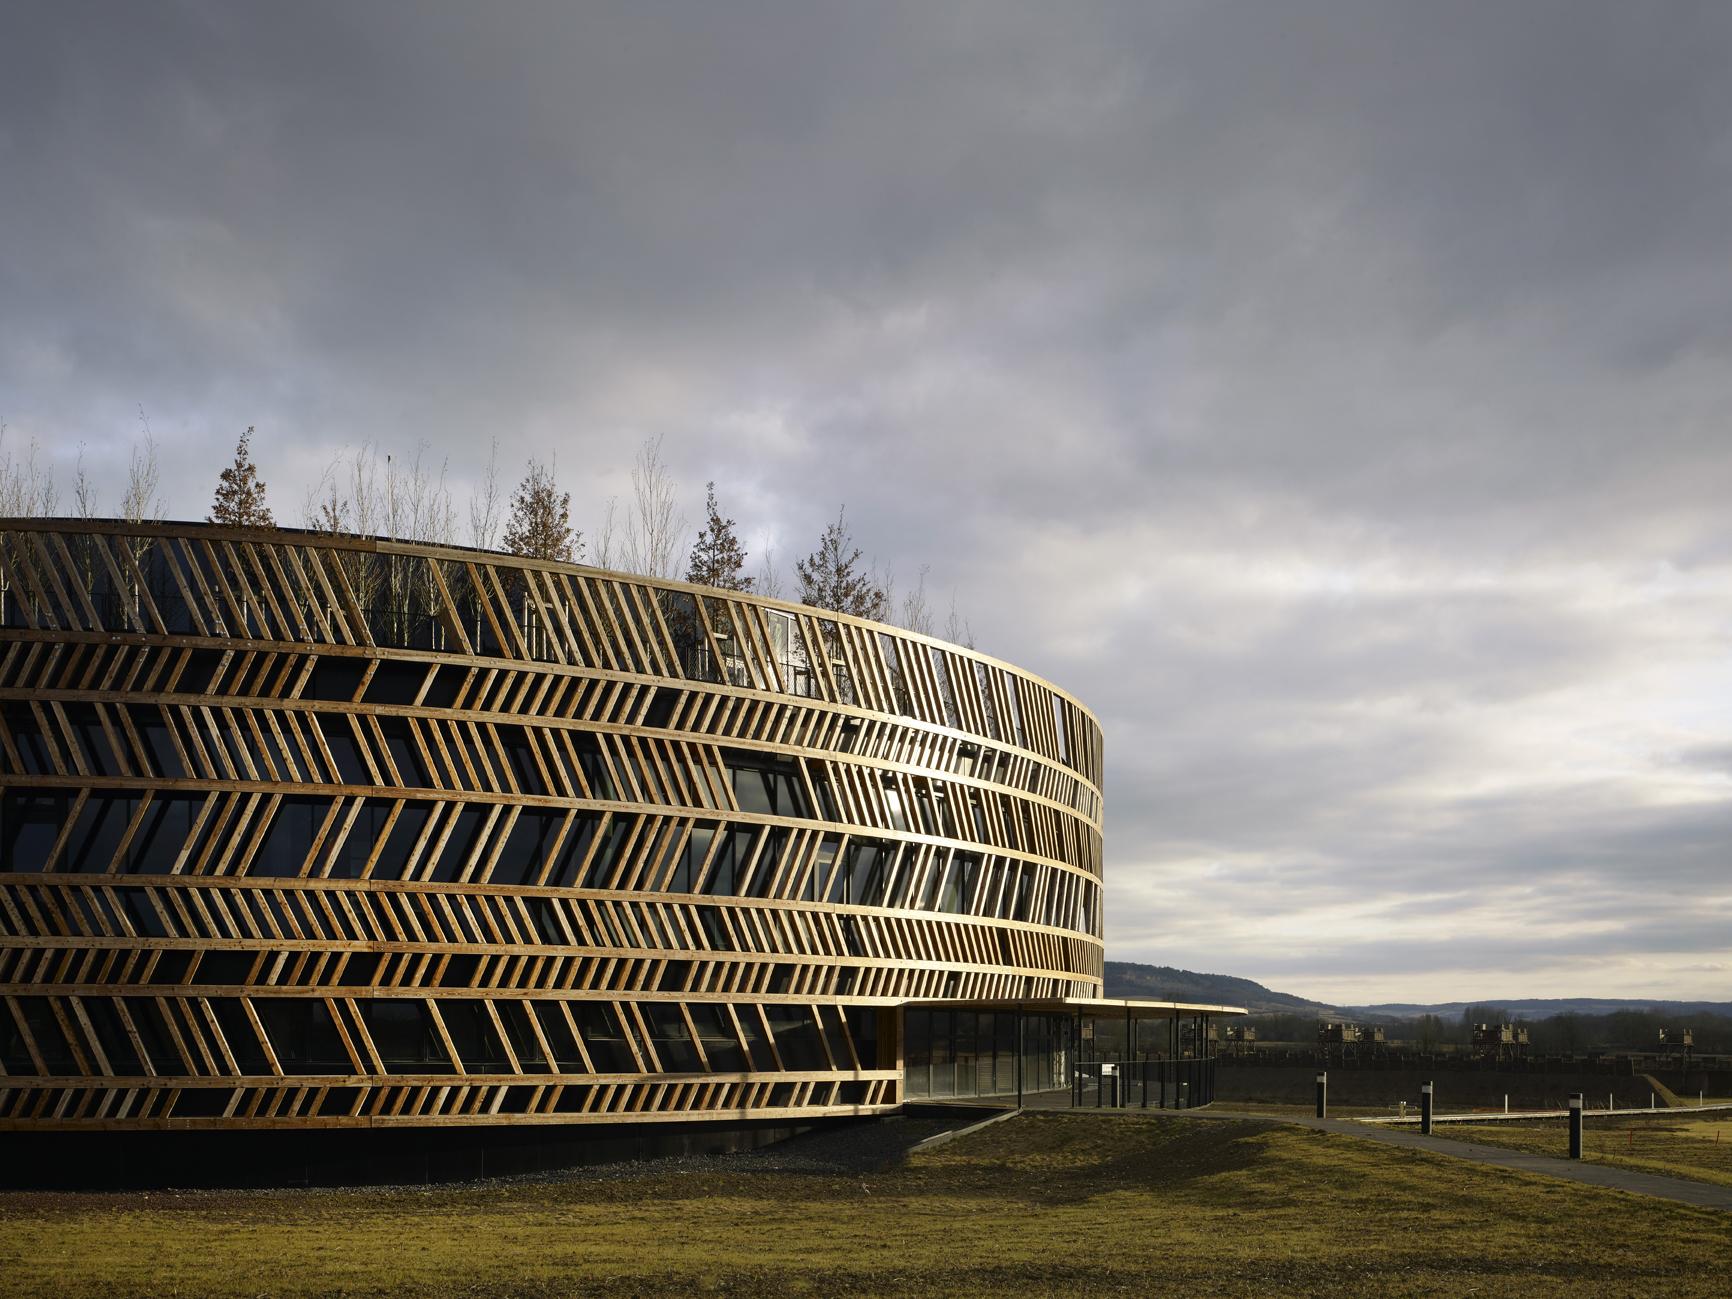 Centre d''interprétation. Alise-Sainte-Reine - MUSÉOPARC ALÉSIA - SEM ALÉSIA©CHRISTIAN RICHTERS